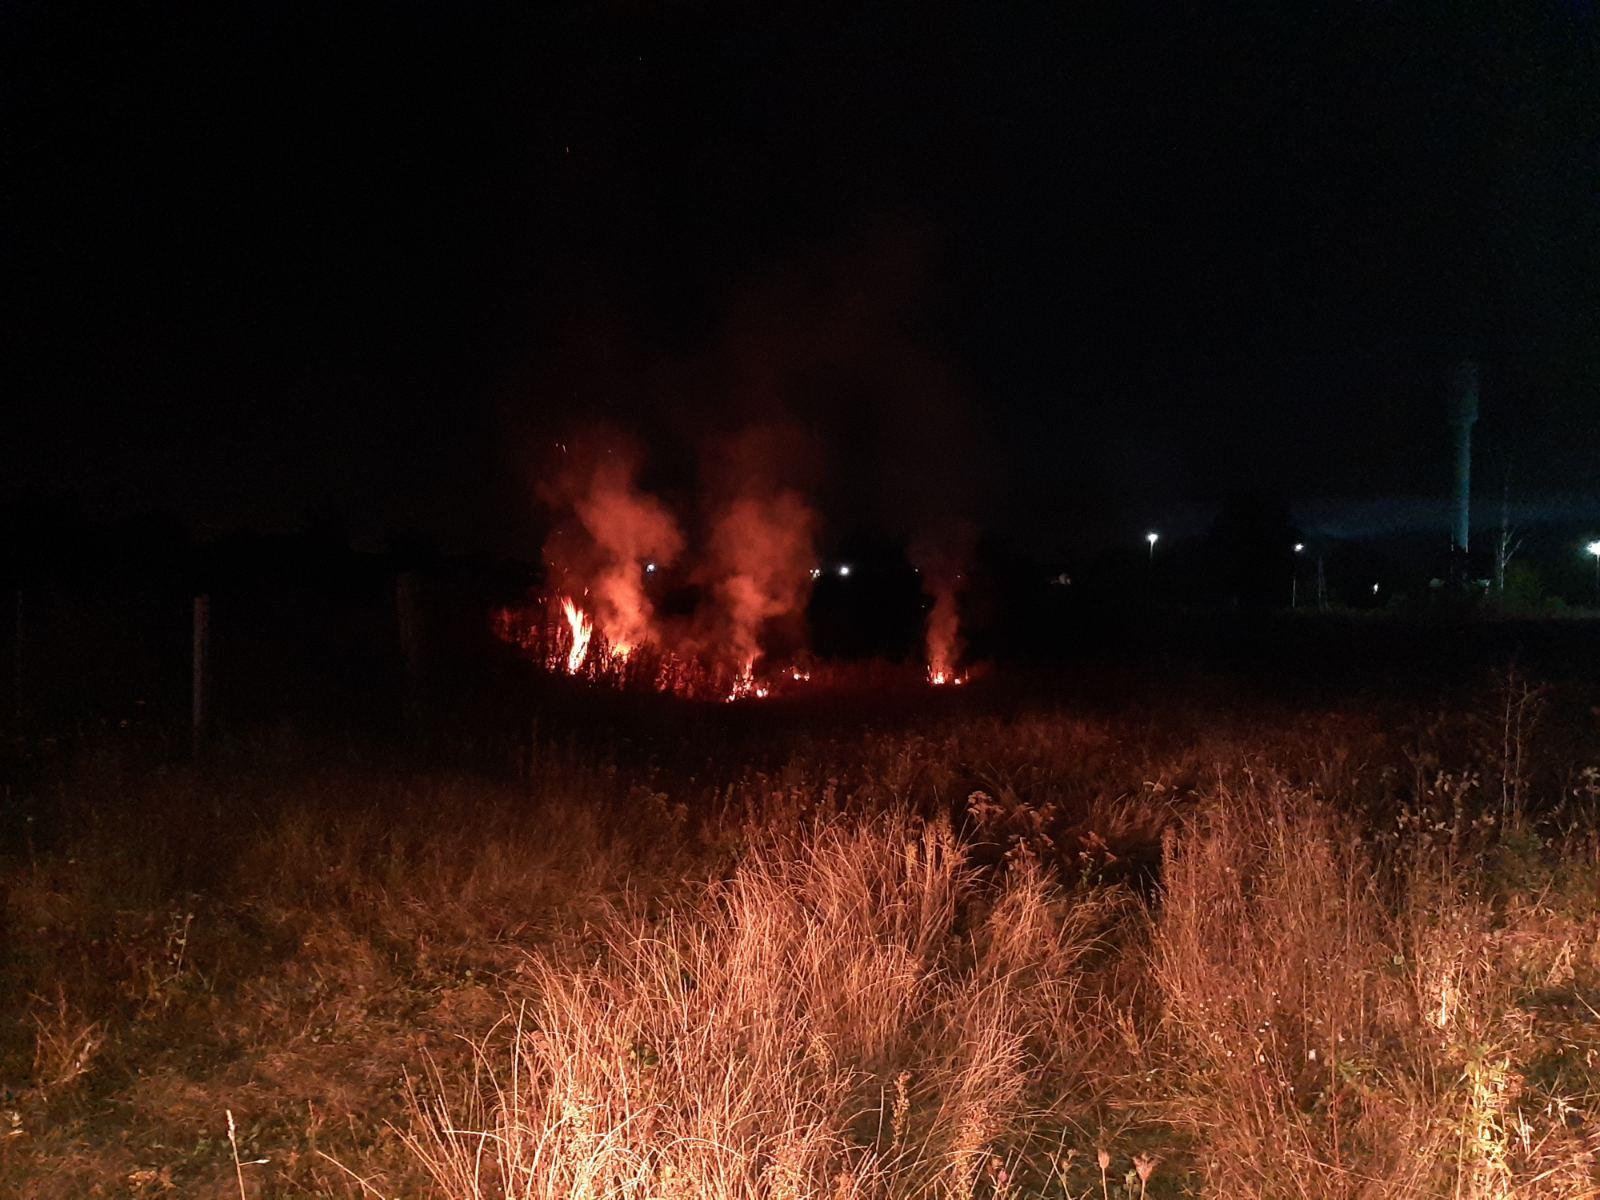 У Києво-Святошинському районі за вихідні було 11 пожеж - ГУ ДСНС у Київськійобласті, вогонь - yzobrautstsuutszhenye viber 2020 09 28 09 14 16